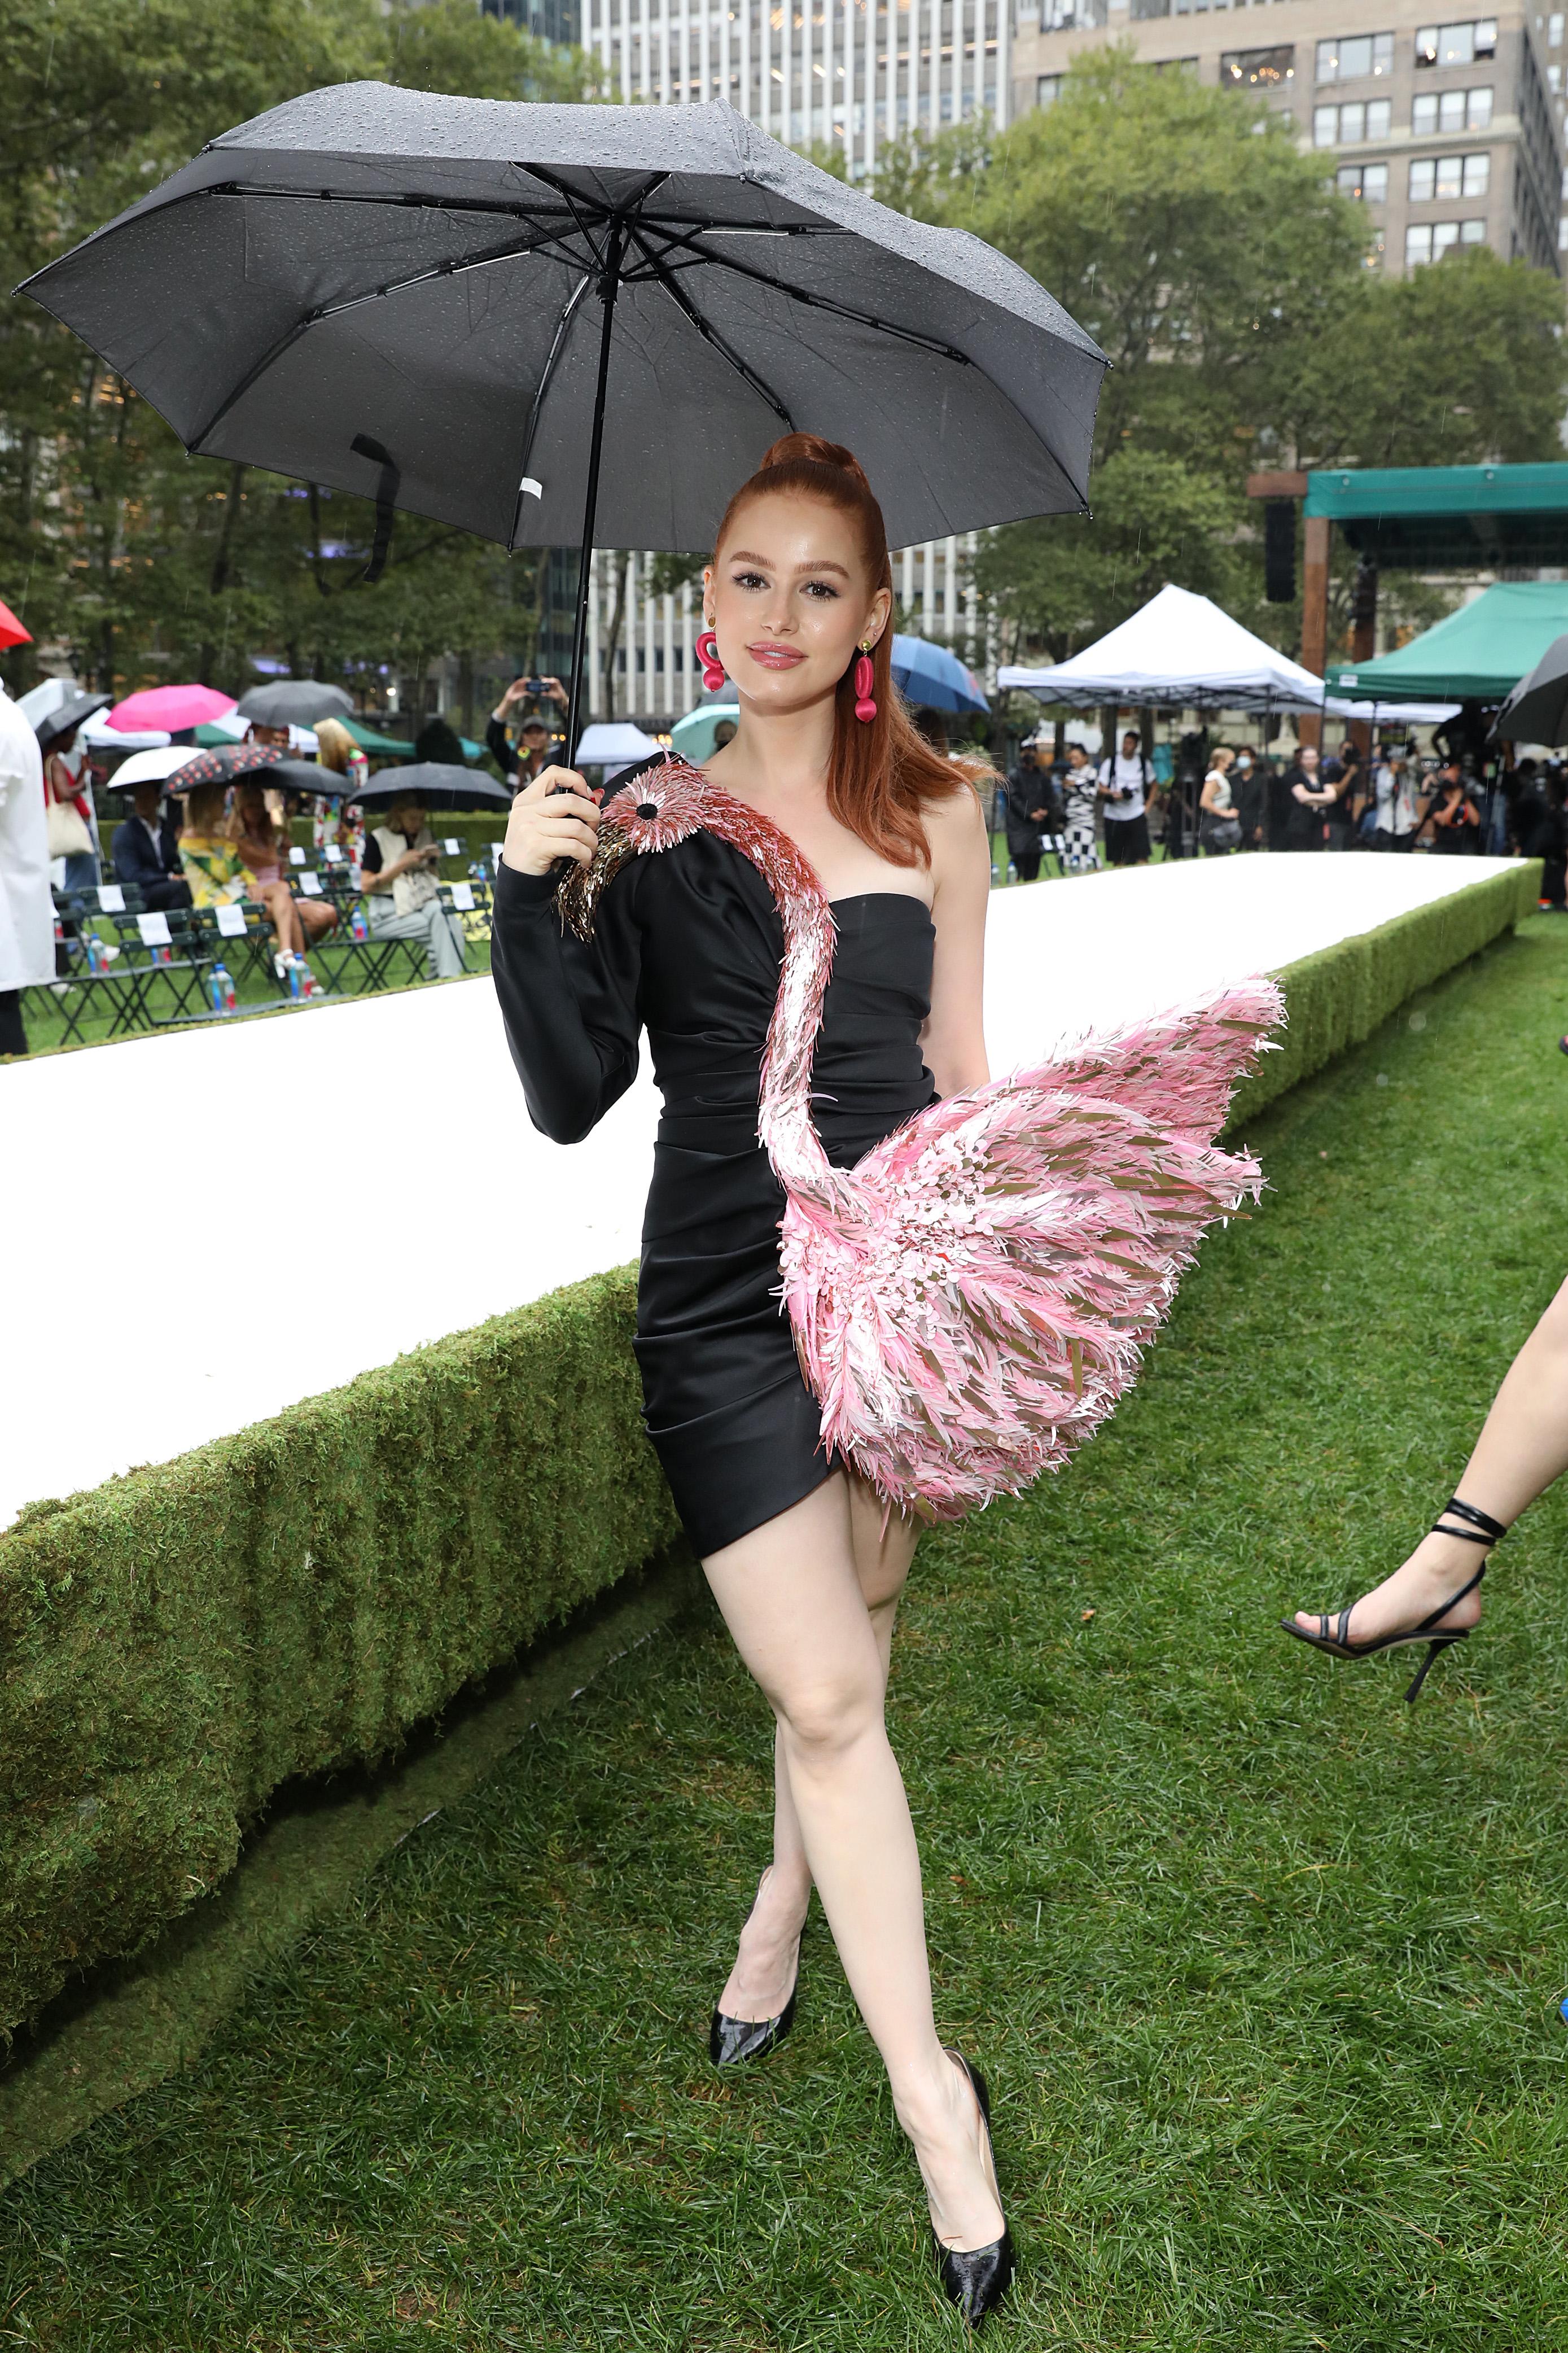 Madelaine Petsch no desfile da Moschino na semana de moda de Nova York. Ela está usando um vestido preto com um flamingo rosa e segurando um guarda-chuva na frente da passarela.